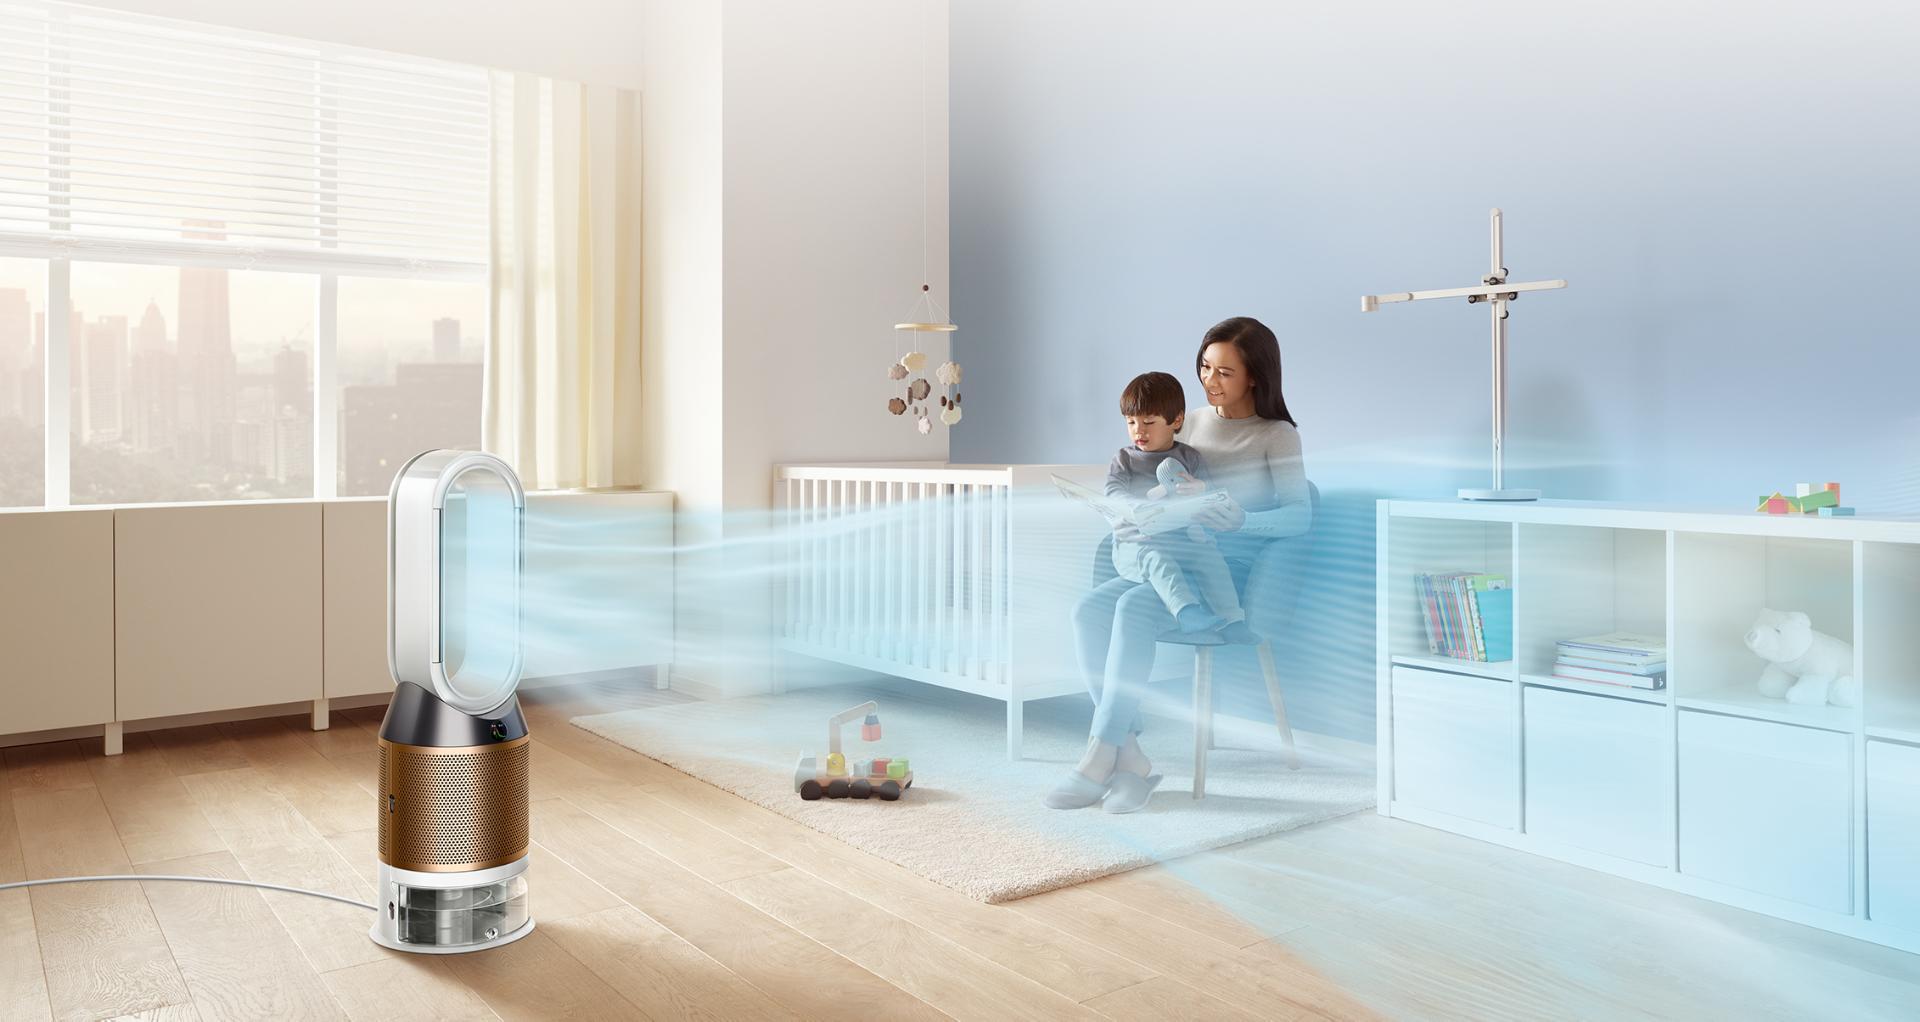 다이슨 가습 공기청정기의 침실에 공기를 분사하는 동안 아이에게 책을 읽어주고 있는 여성